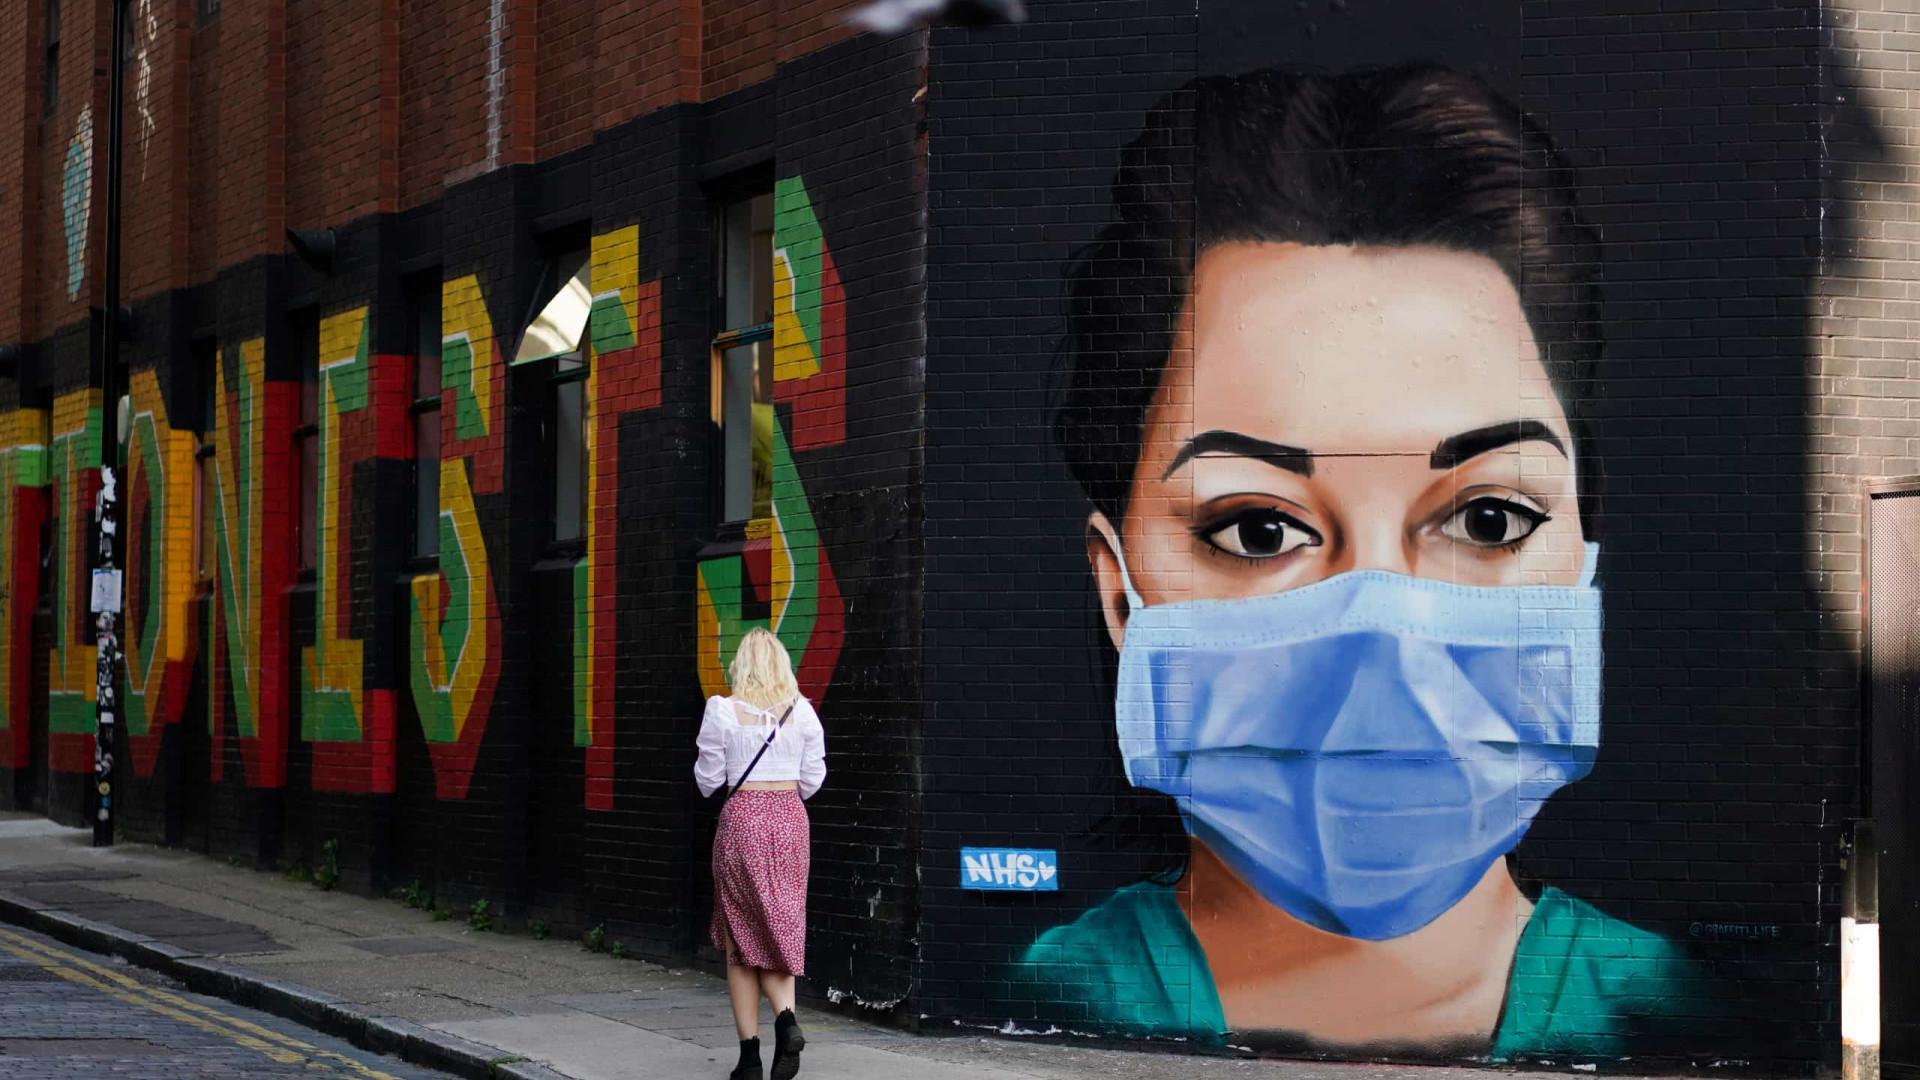 Reino Unido supera os 260 mil casos de infeção. Morreram mais 121 pessoas